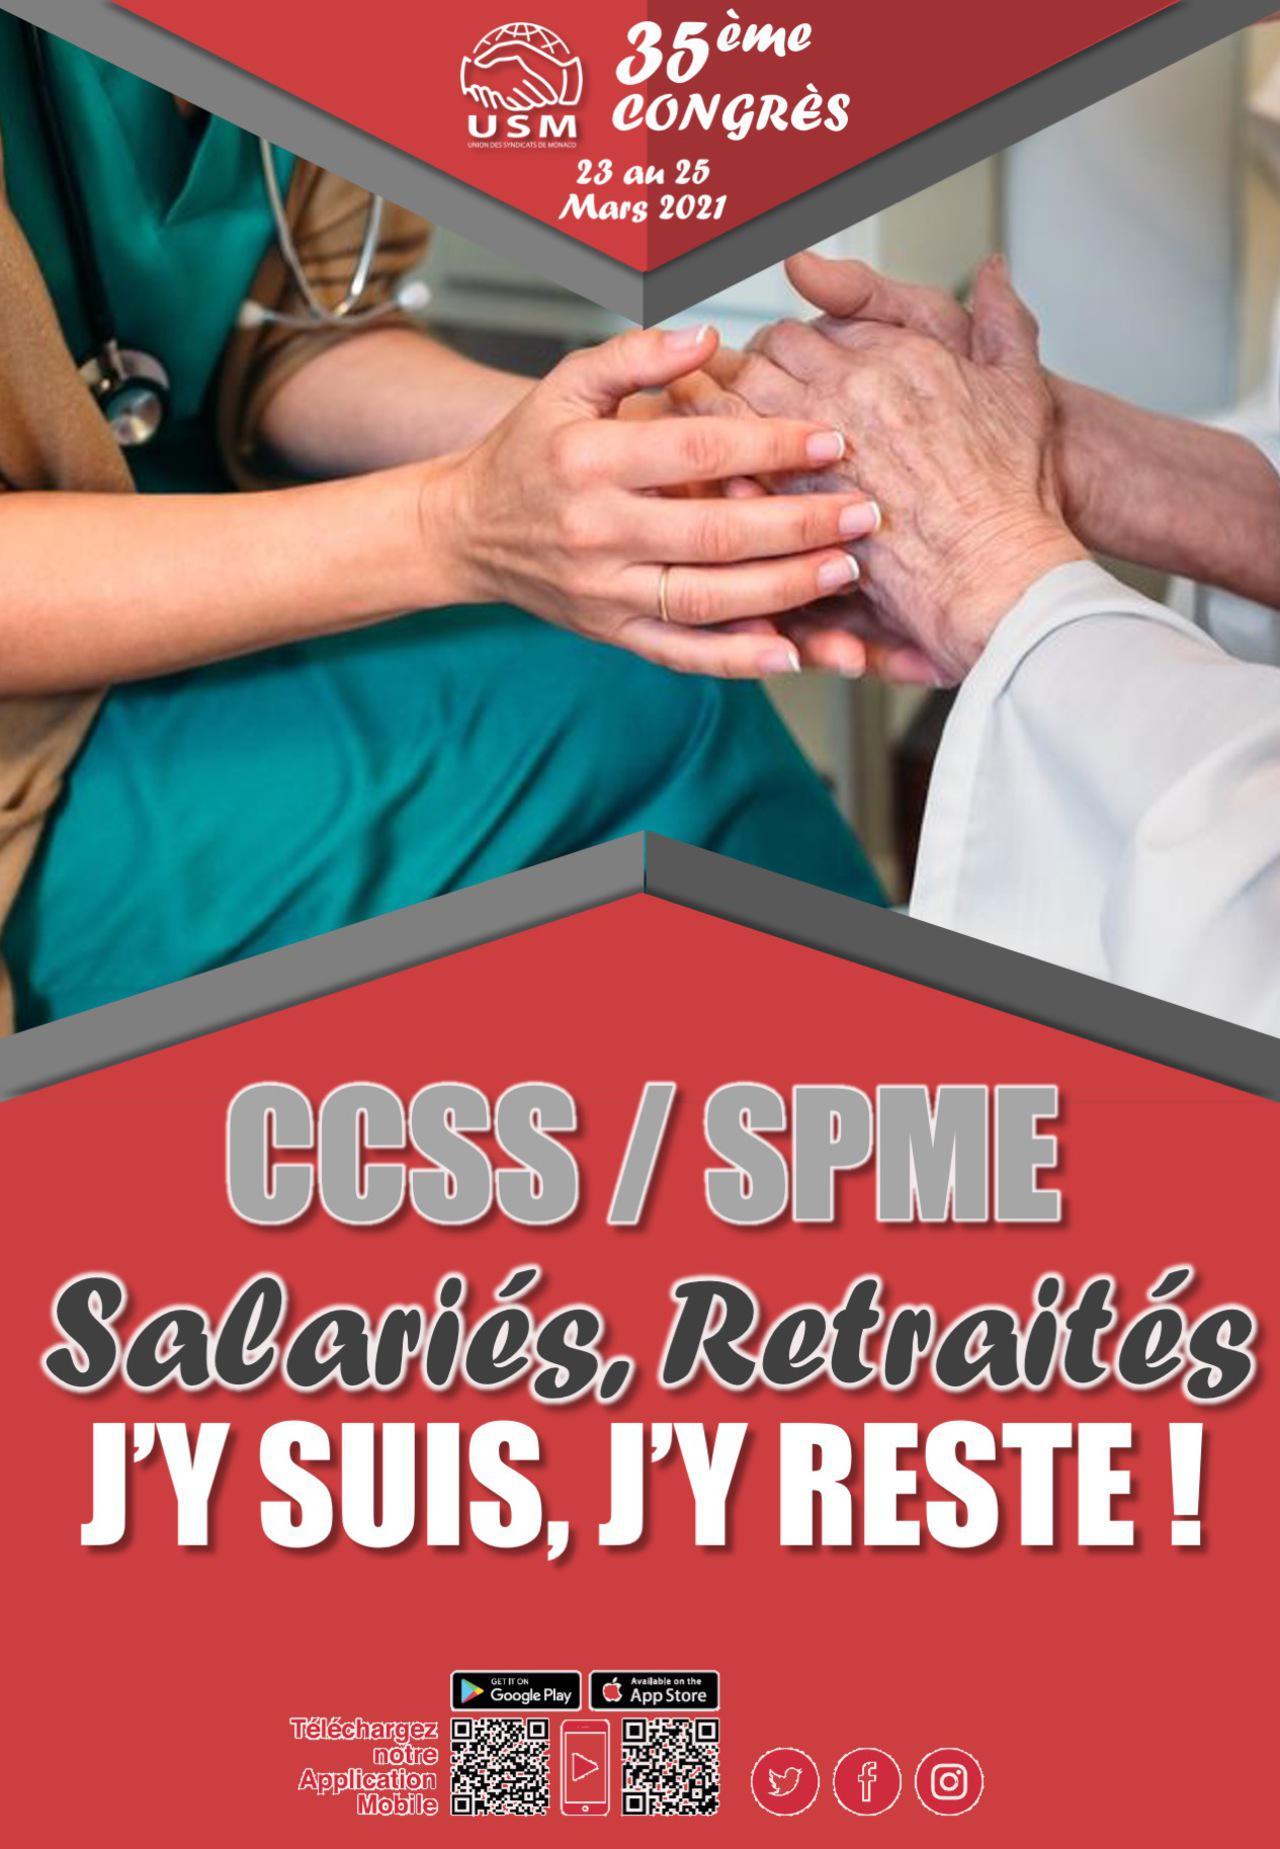 Congrès - CCSS